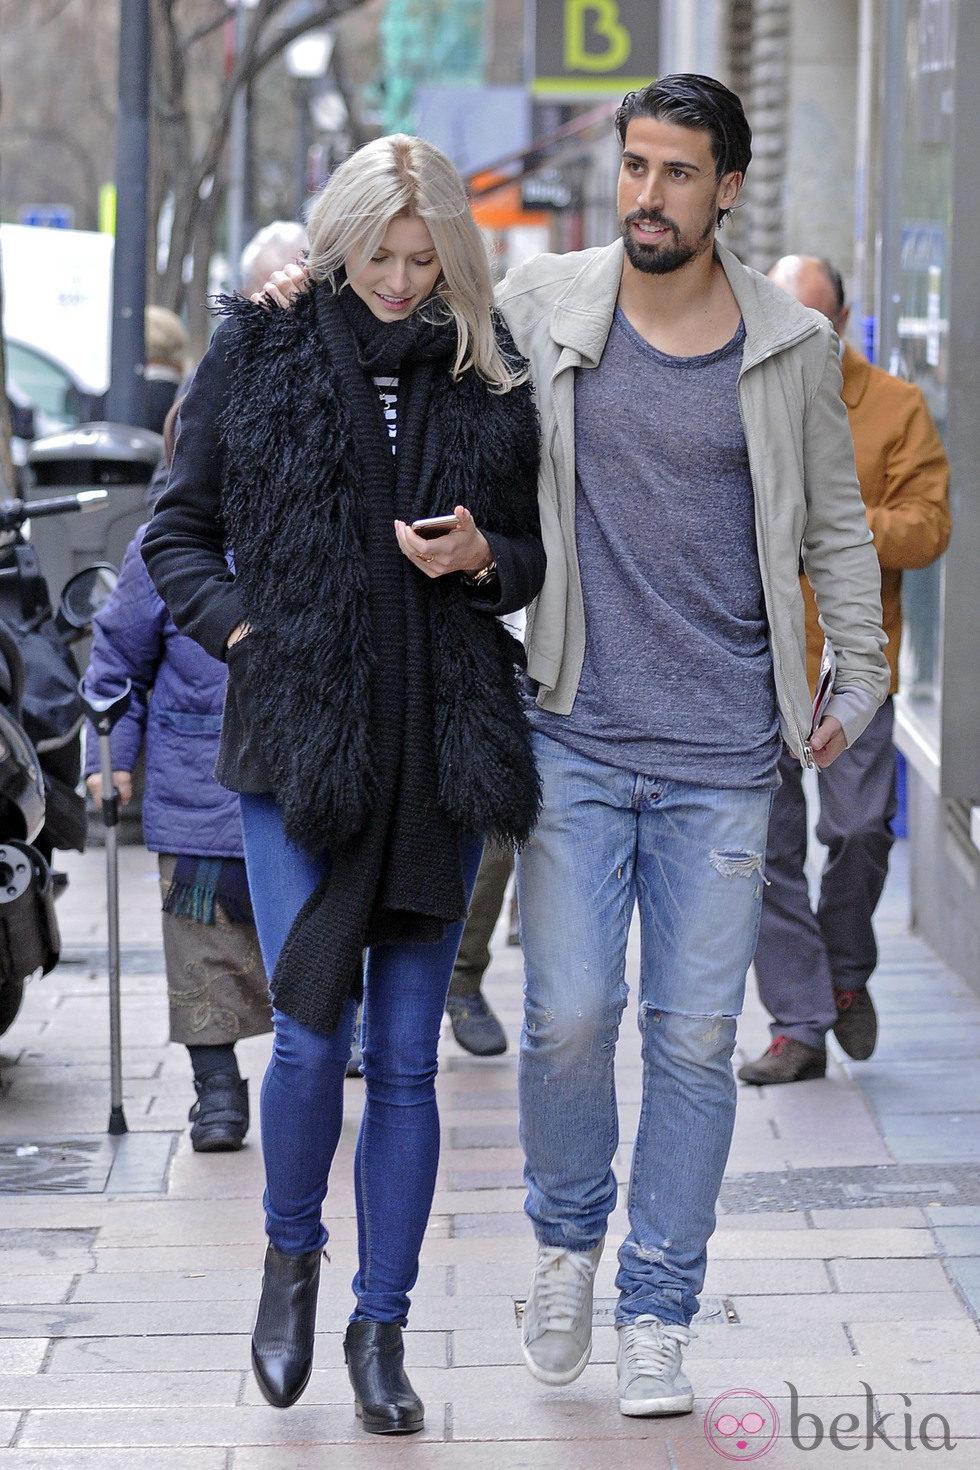 Sami Khedira y Lena Gercke disfrutan de un paseo por las calles de Madrid